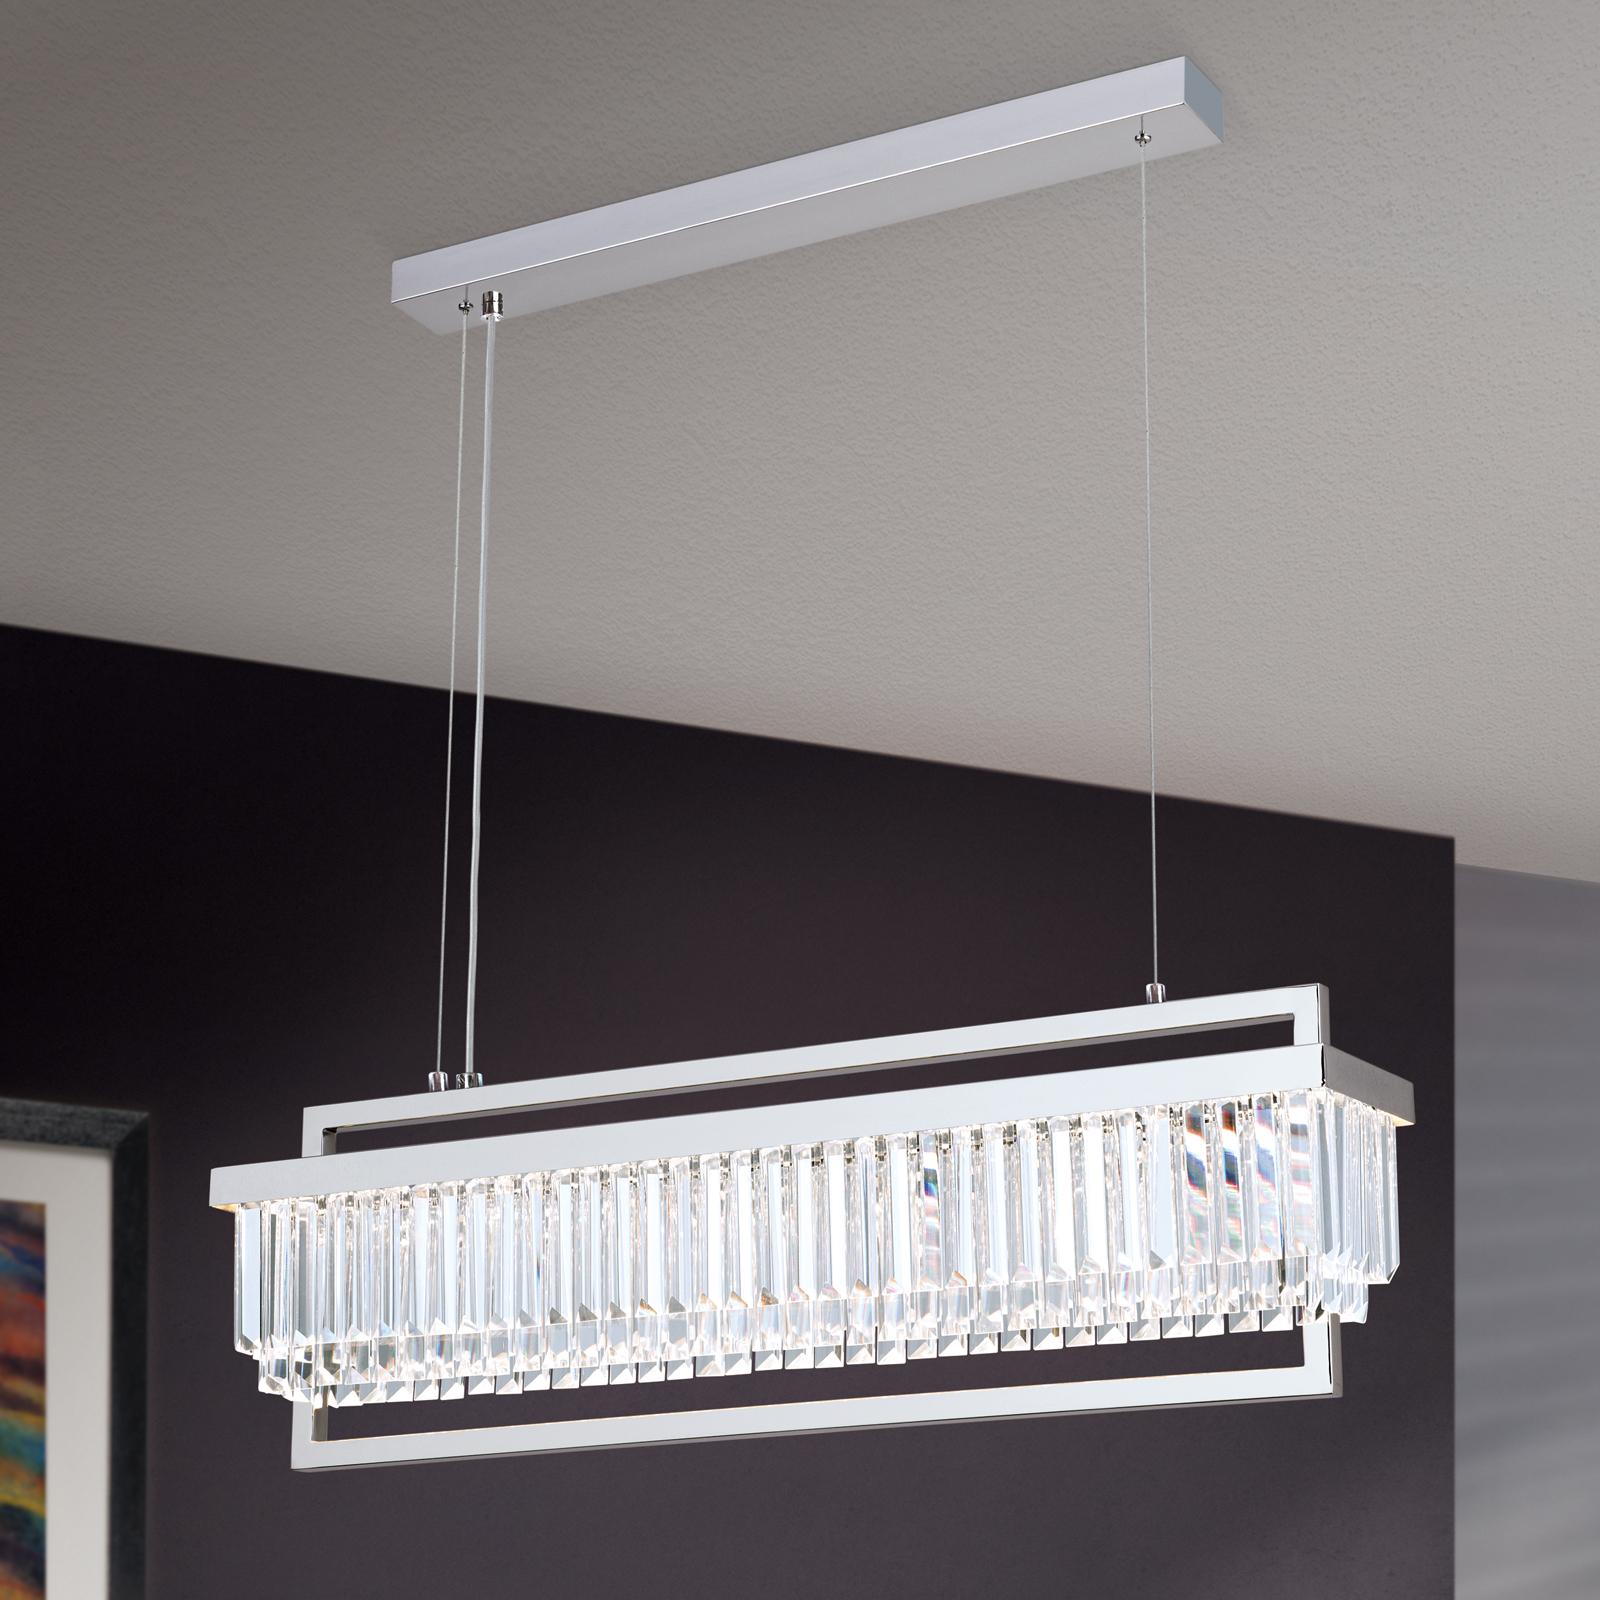 Lampa wisząca LED Prism, podłużna chrom